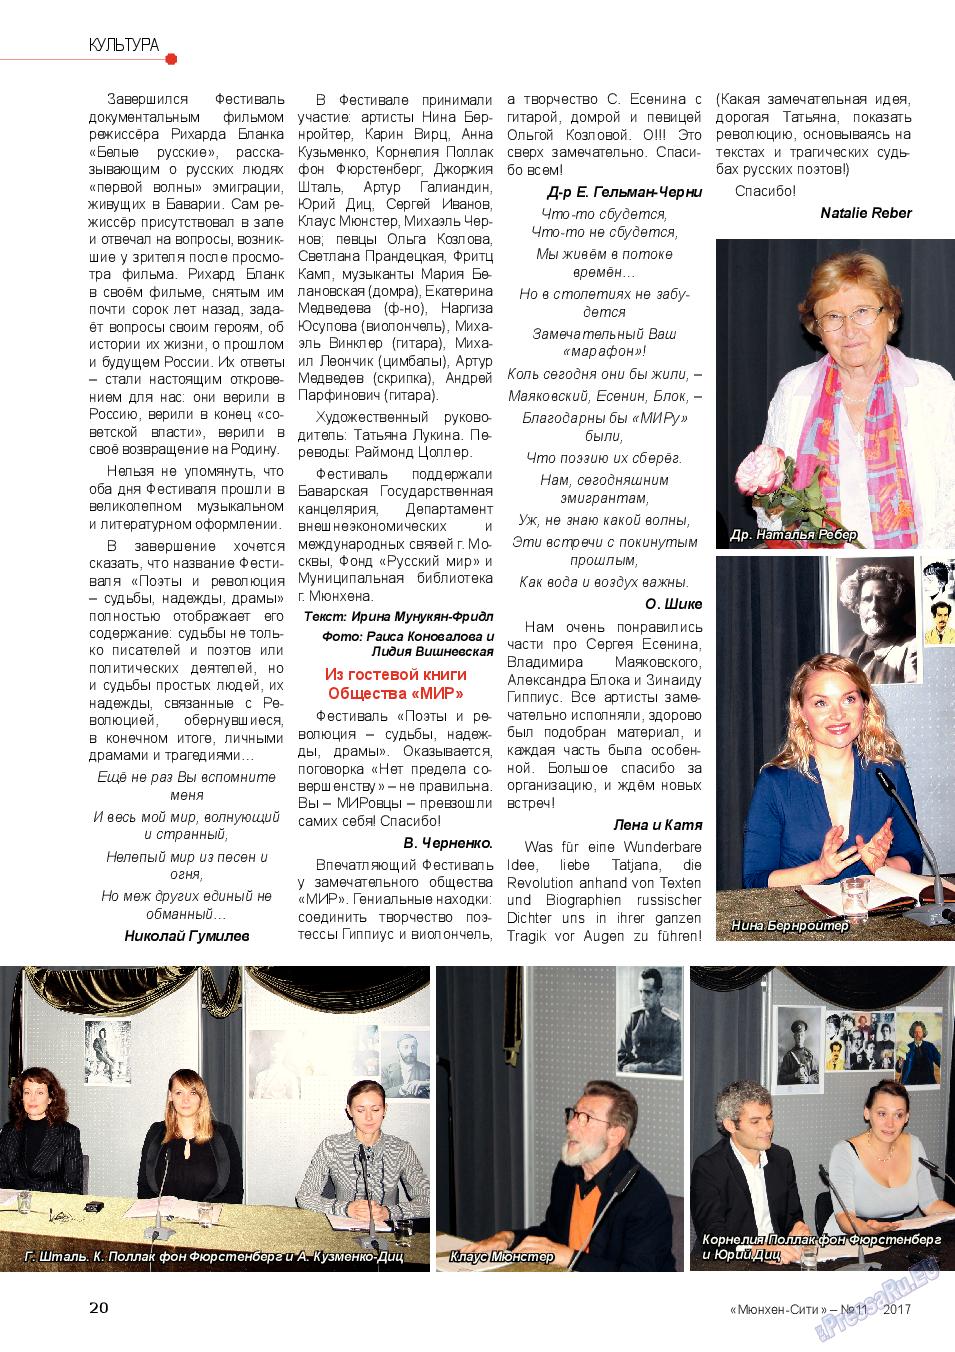 Мюнхен-сити (журнал). 2017 год, номер 11, стр. 20